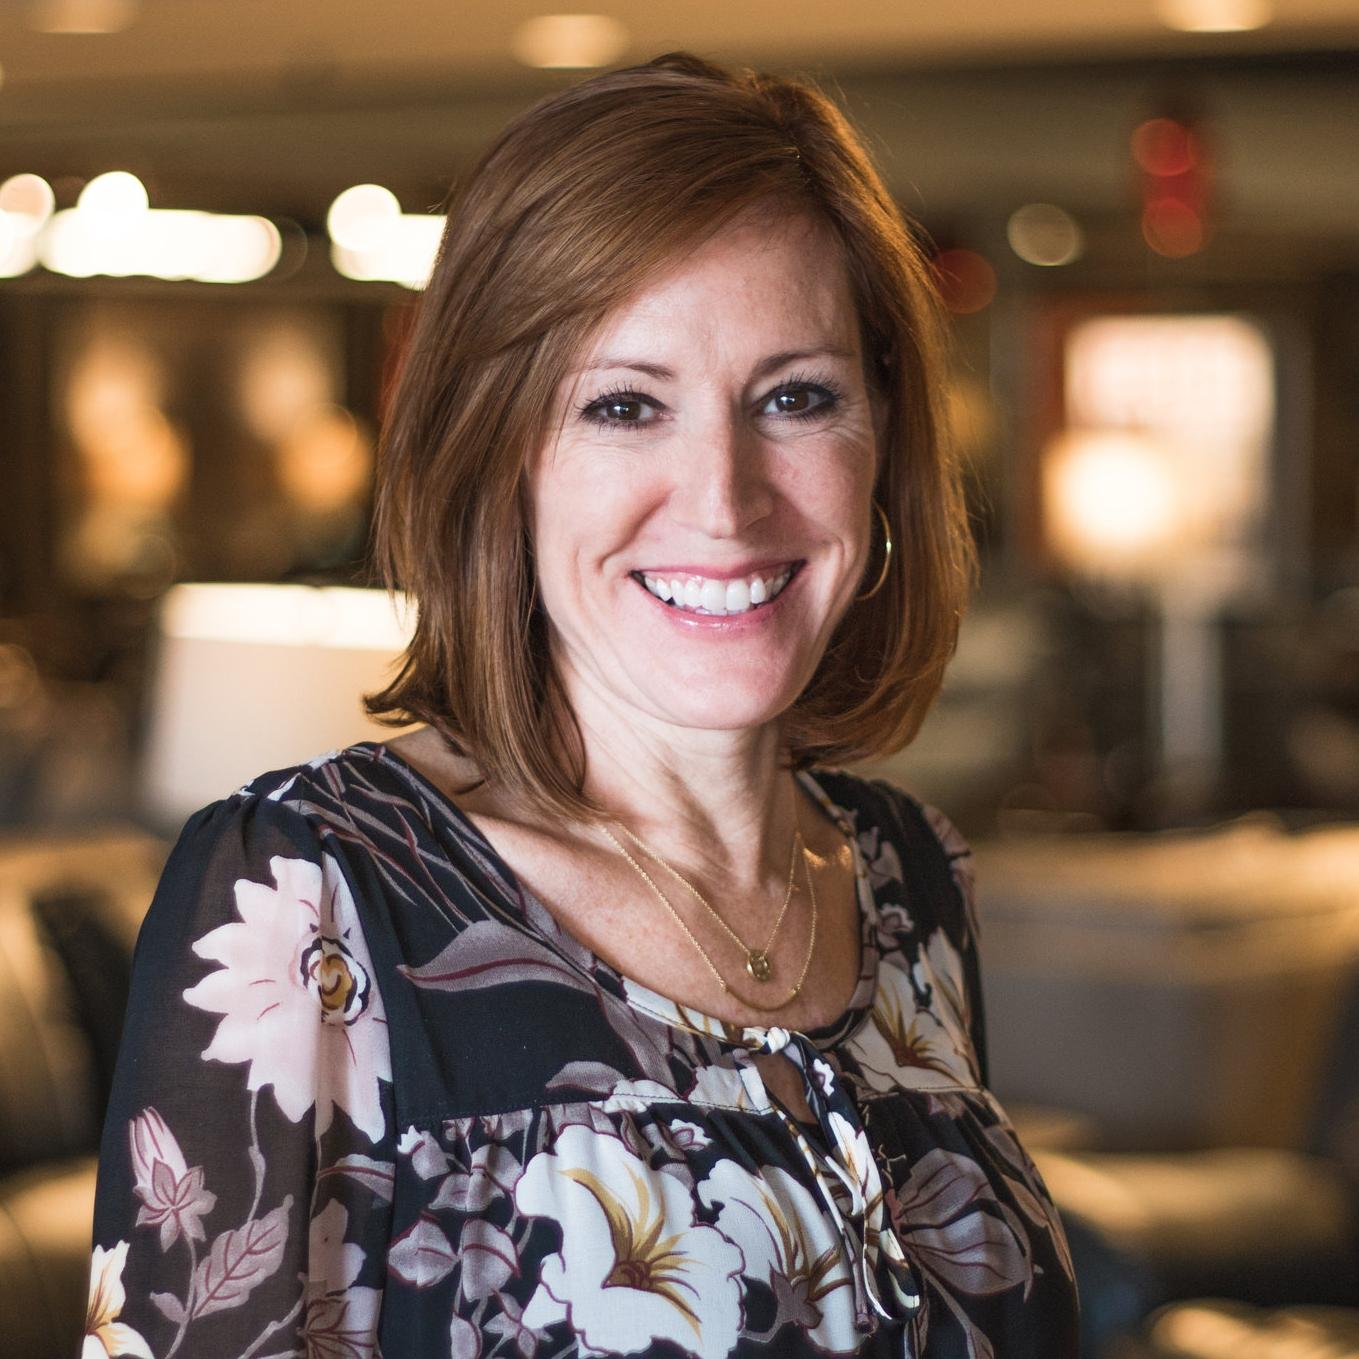 Mandy Meehan